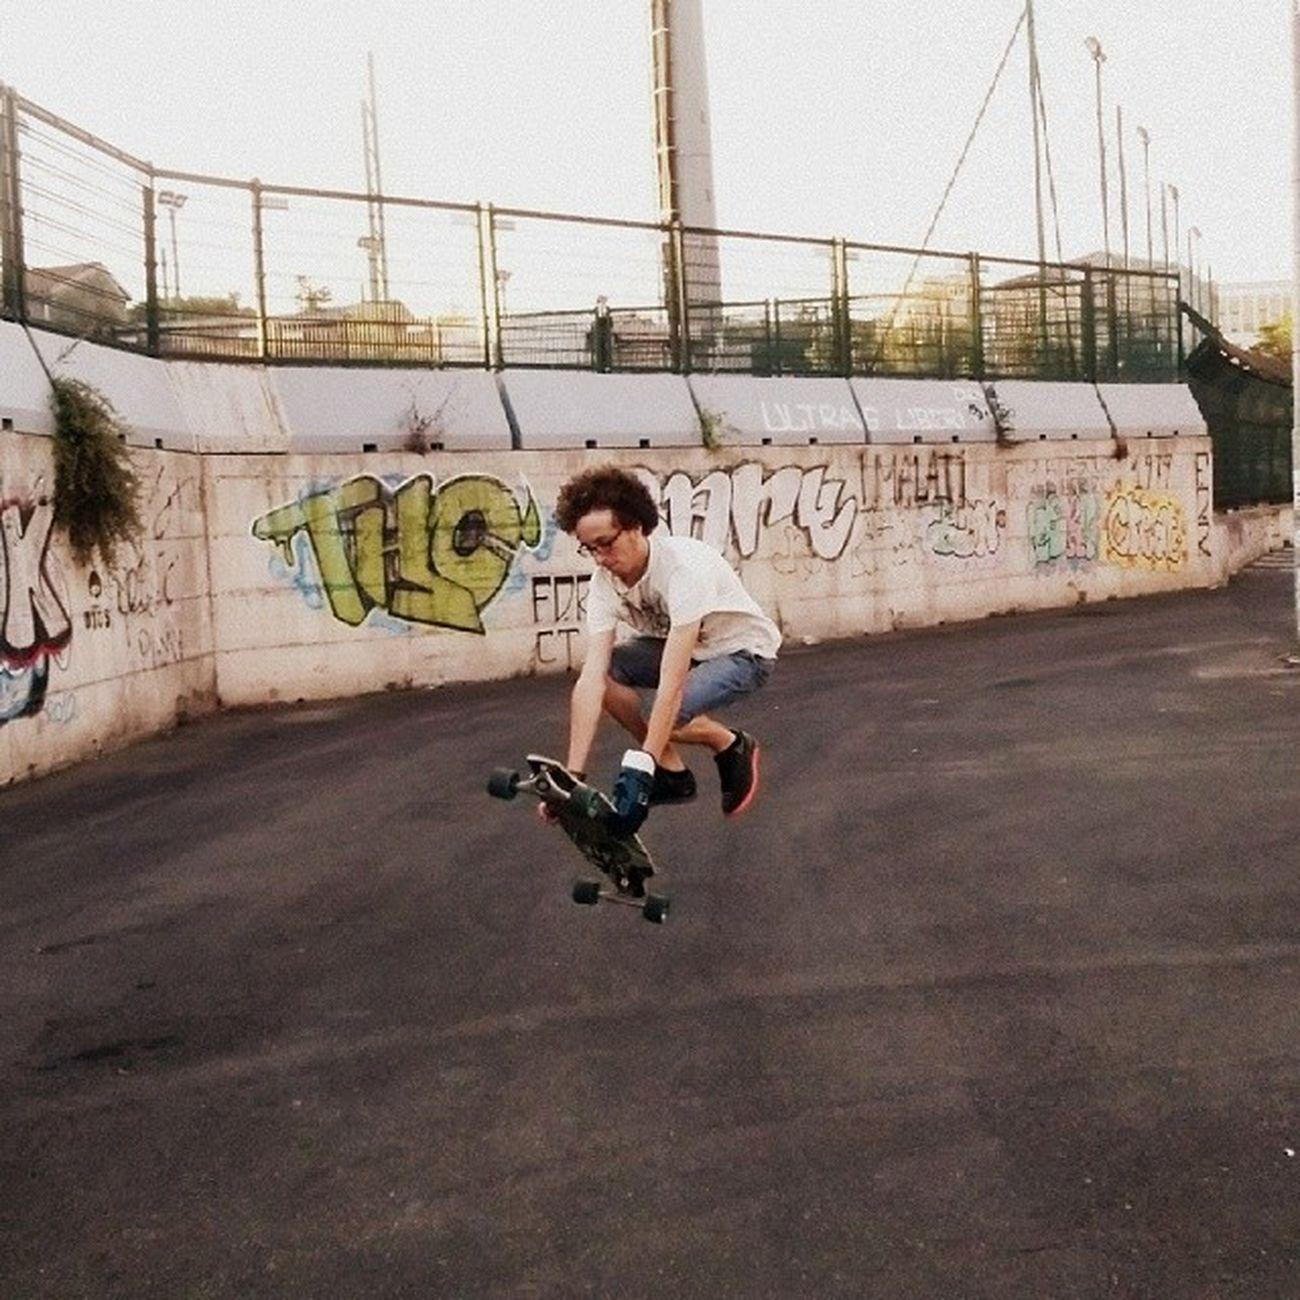 Longboarding Longboardtrick Longboard Longboardinsicily Trick  Tricks Skate Skateboard Skateboarding Sk8 City Catania